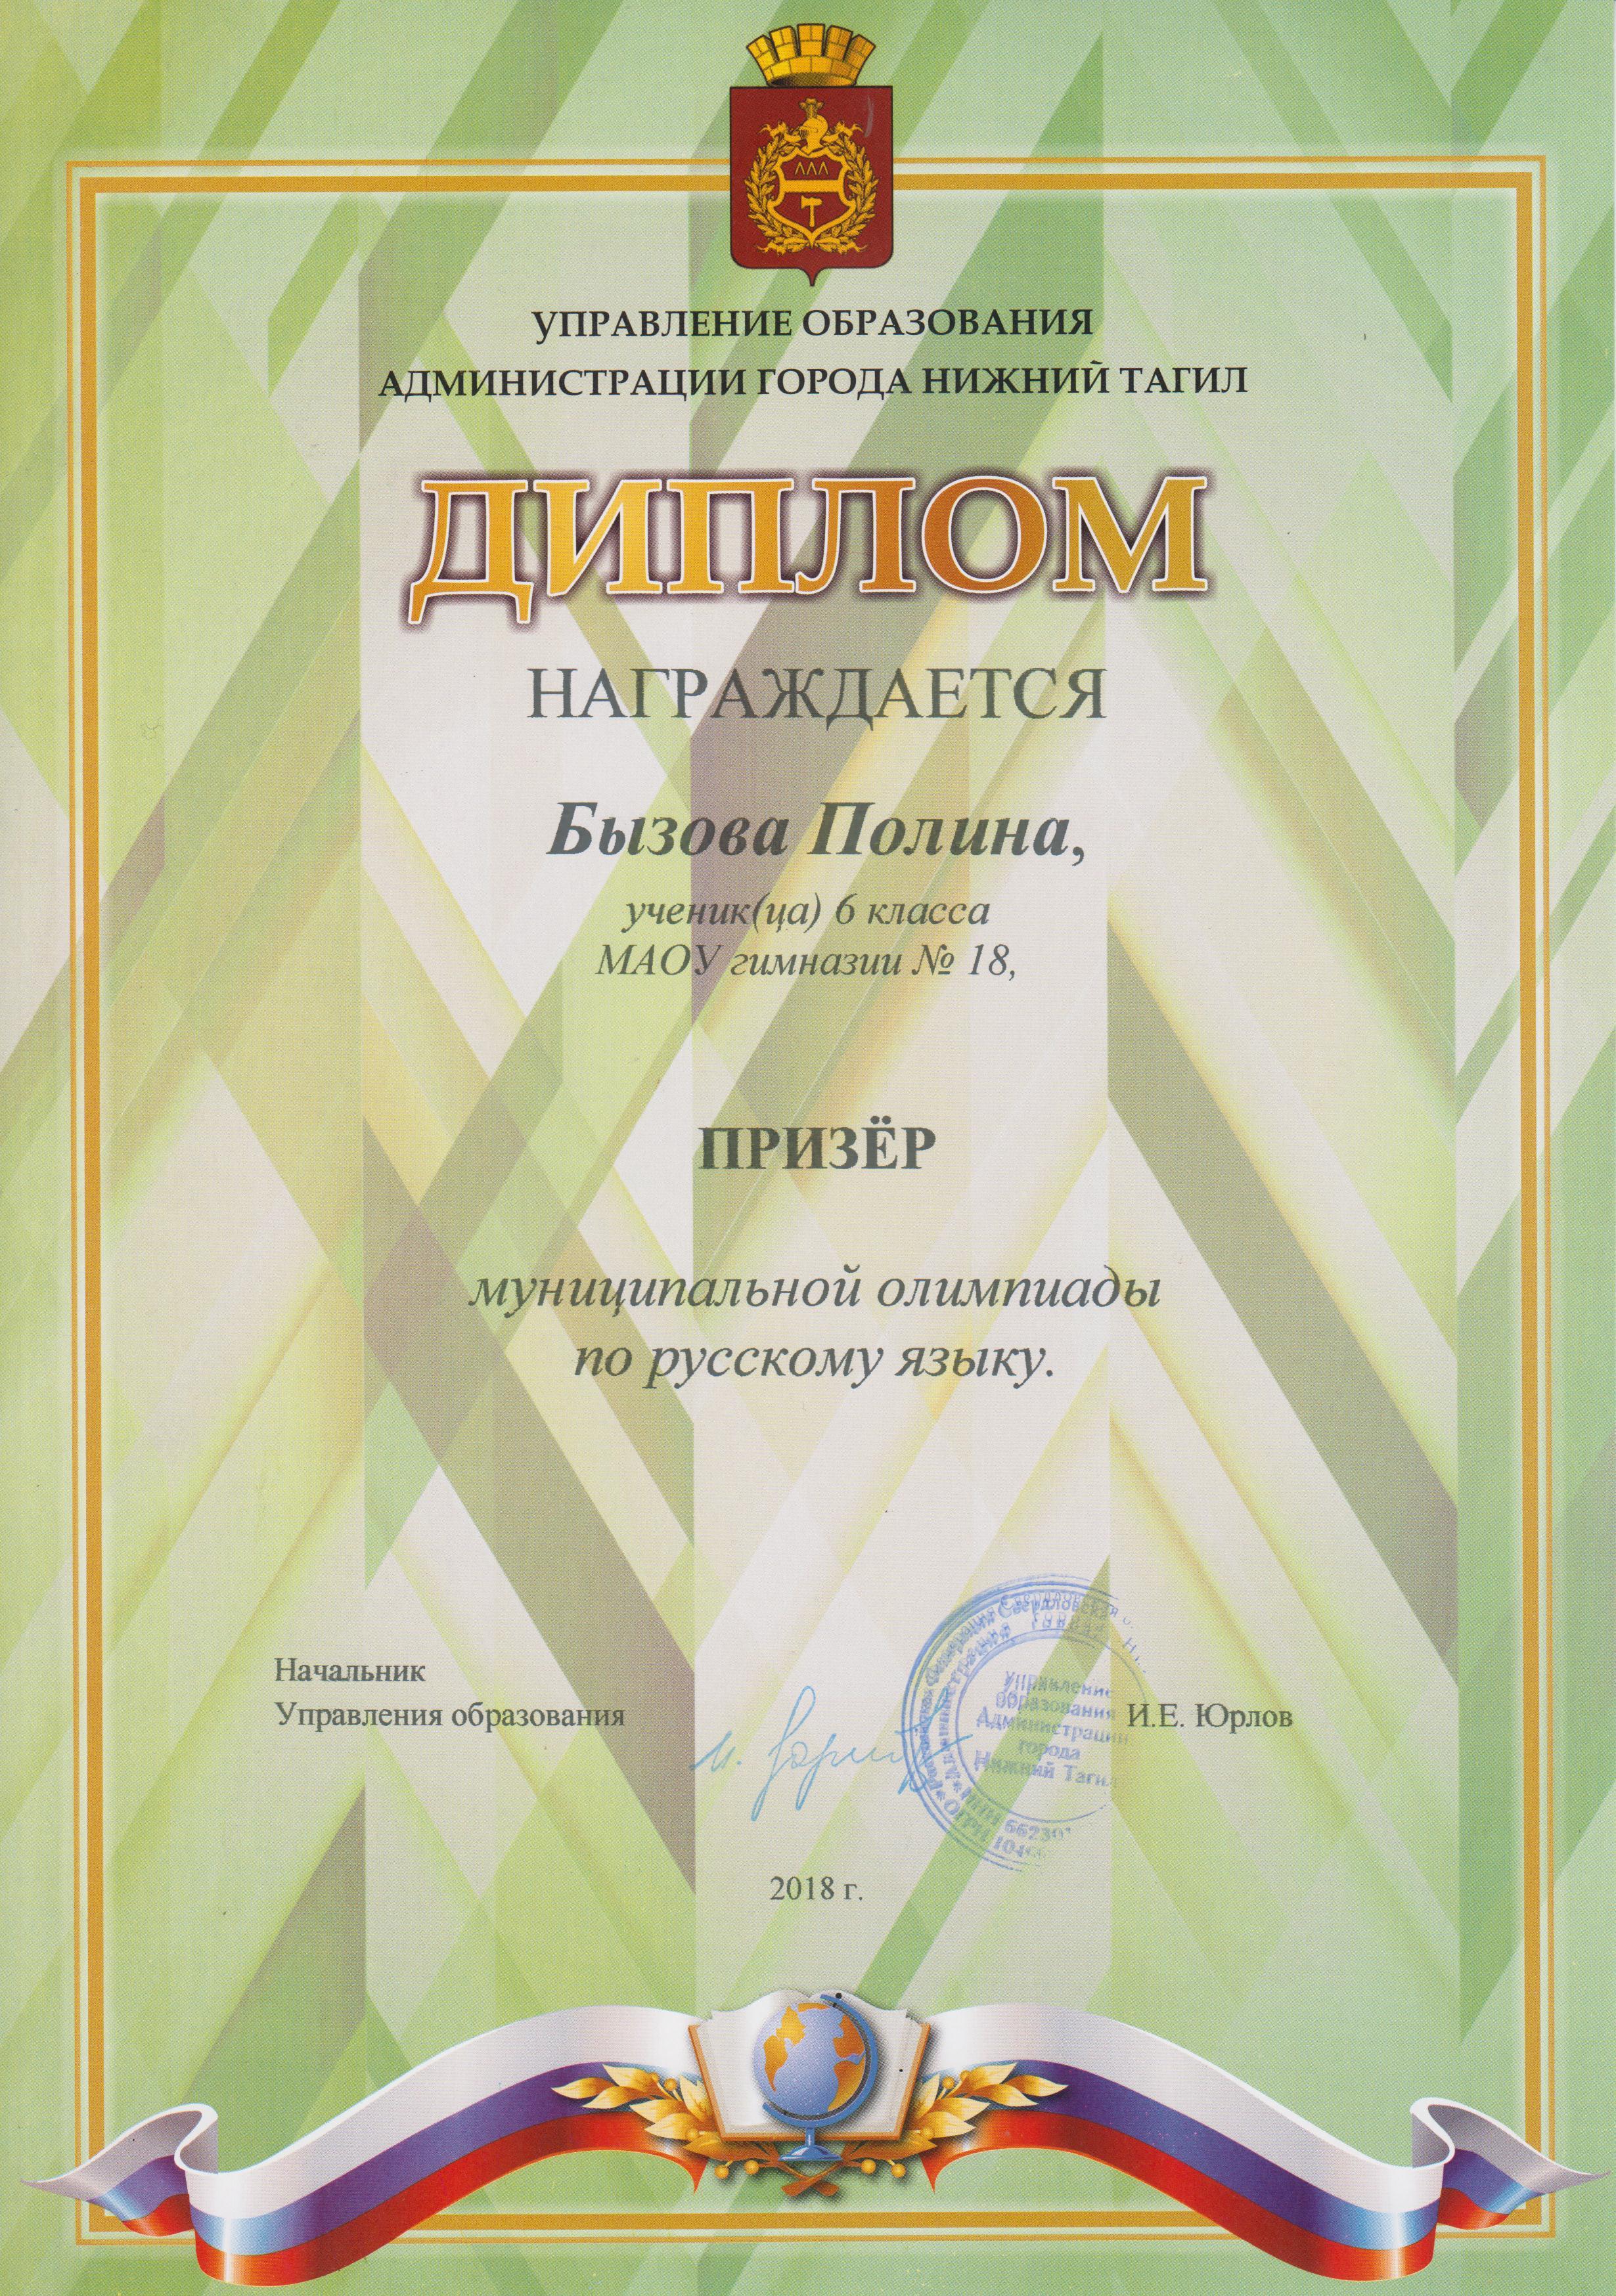 Ол. РЯ. Бызова. 2018